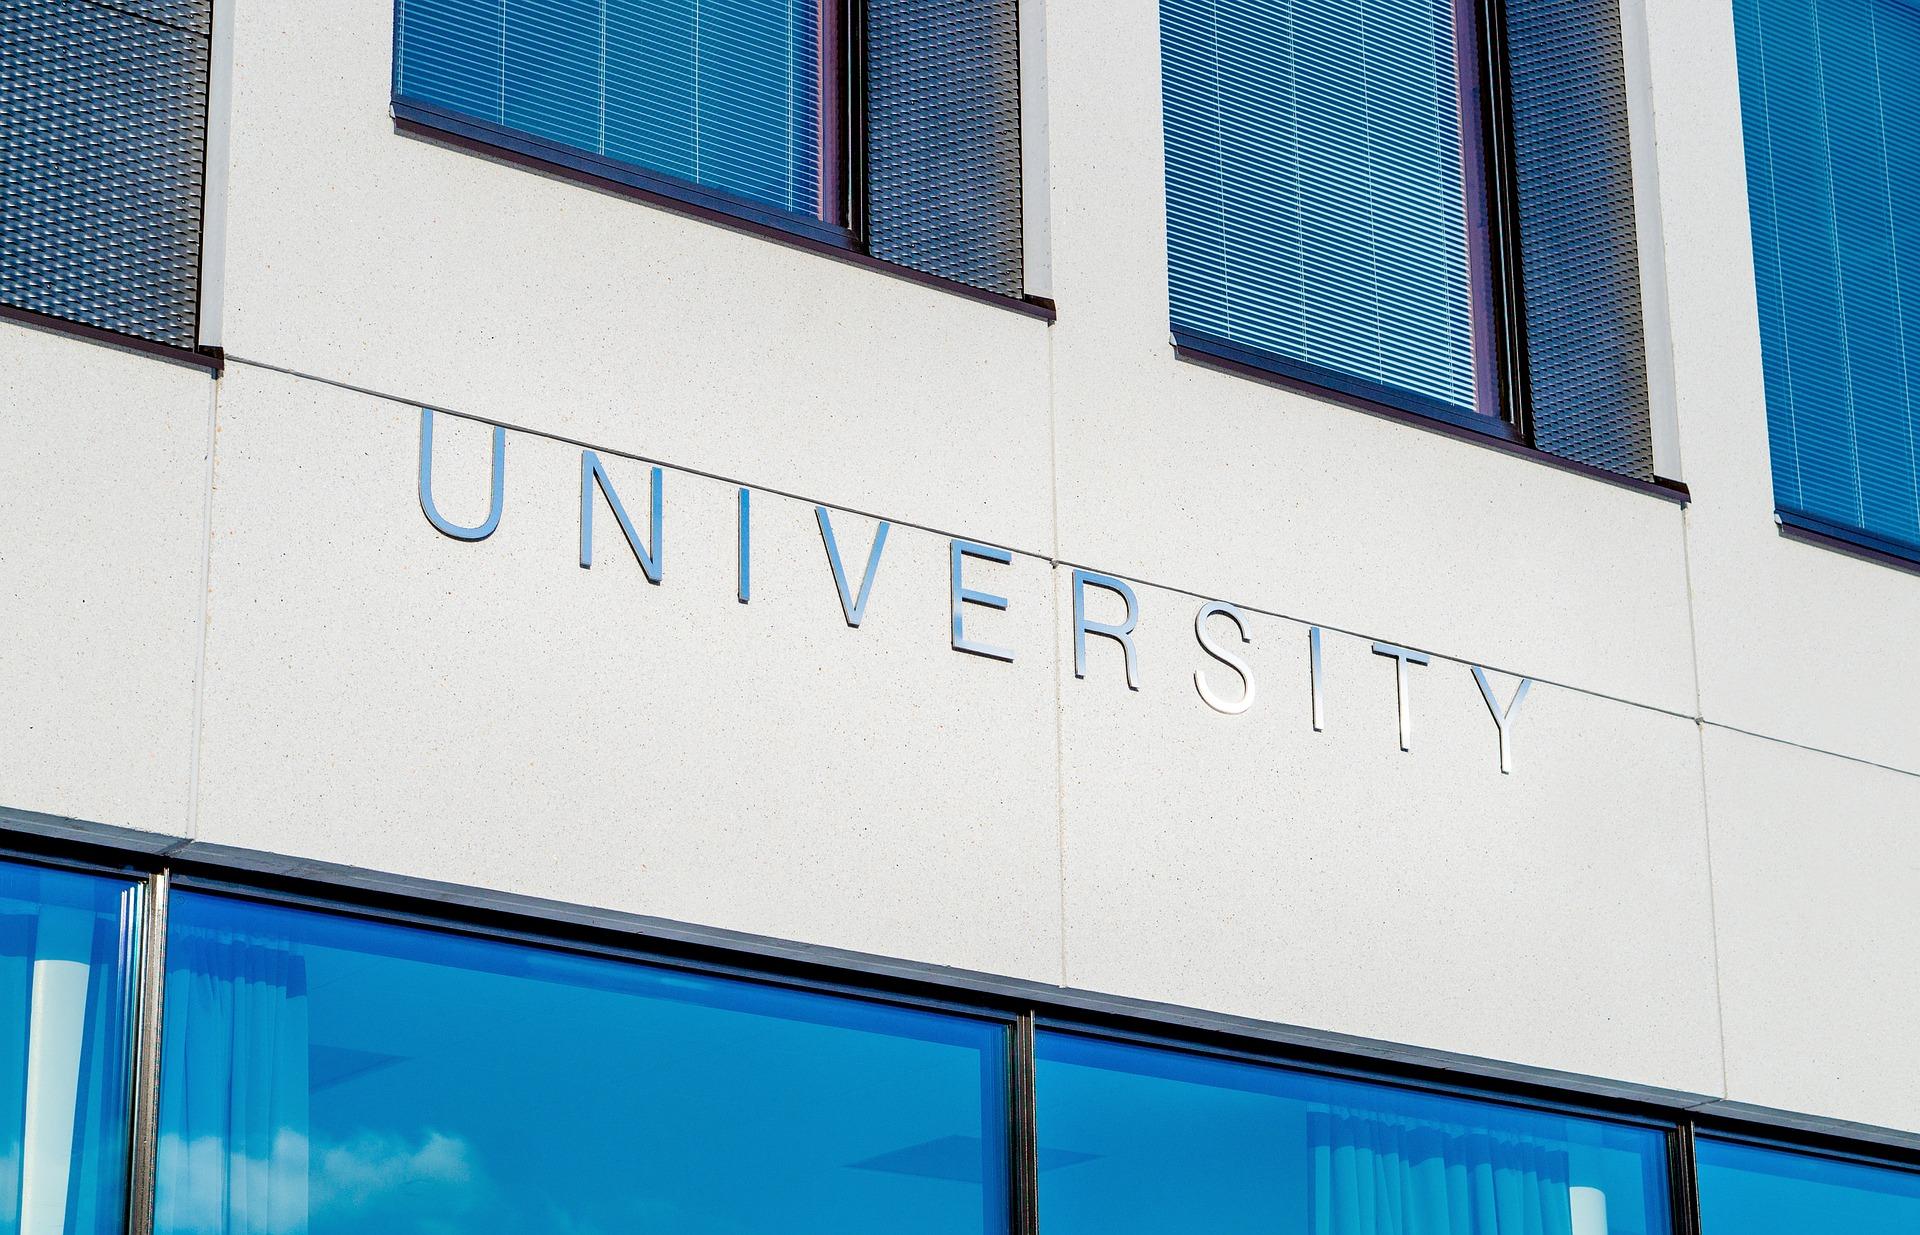 Universités et Leads Generation : ce filon inexploité par nos grandes écoles au Burkina Faso